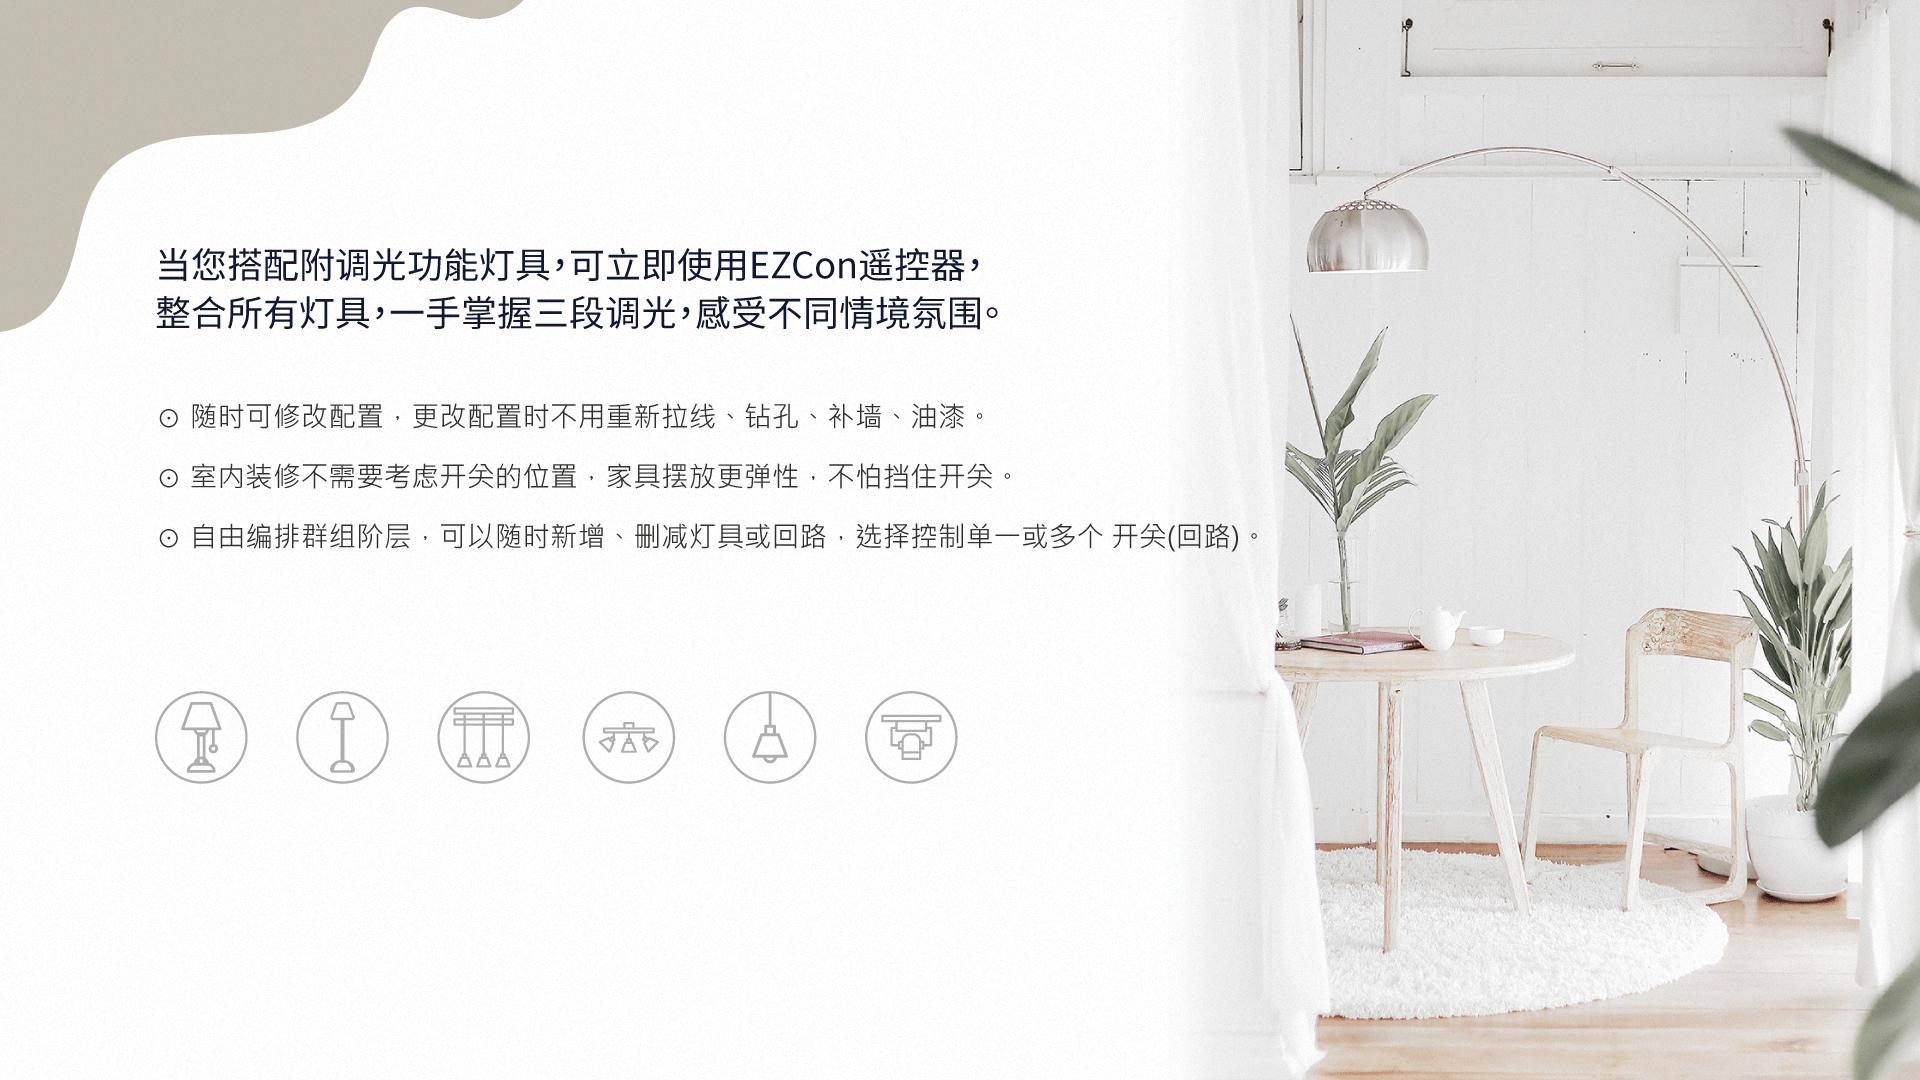 搭配EzCon遥控器,可控制所有灯具,不限厂牌。